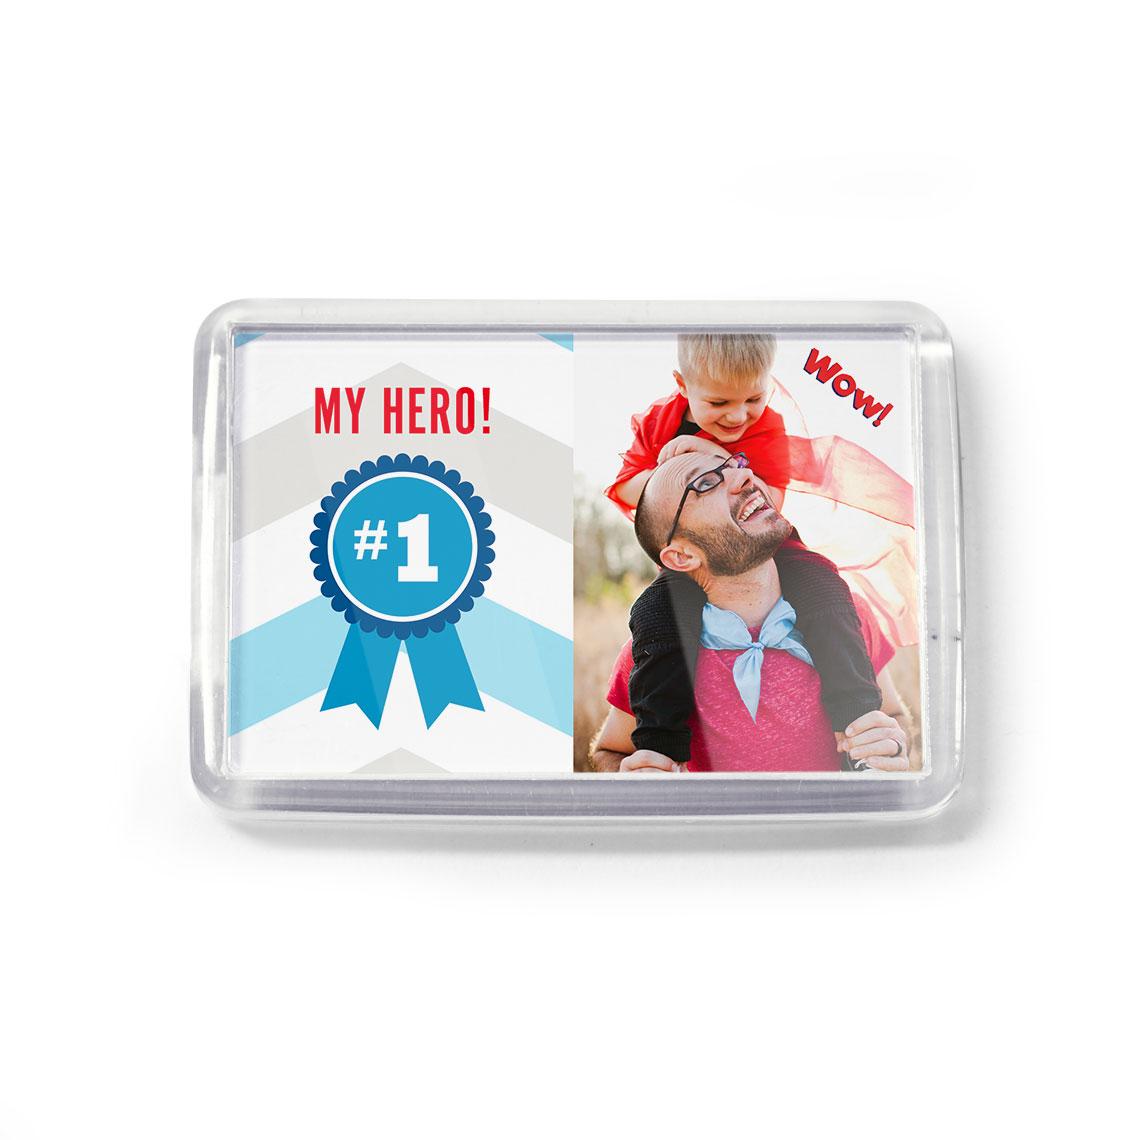 3x2 acrylic photo fridge magnet 7 5x5cm acrylic magnets photo